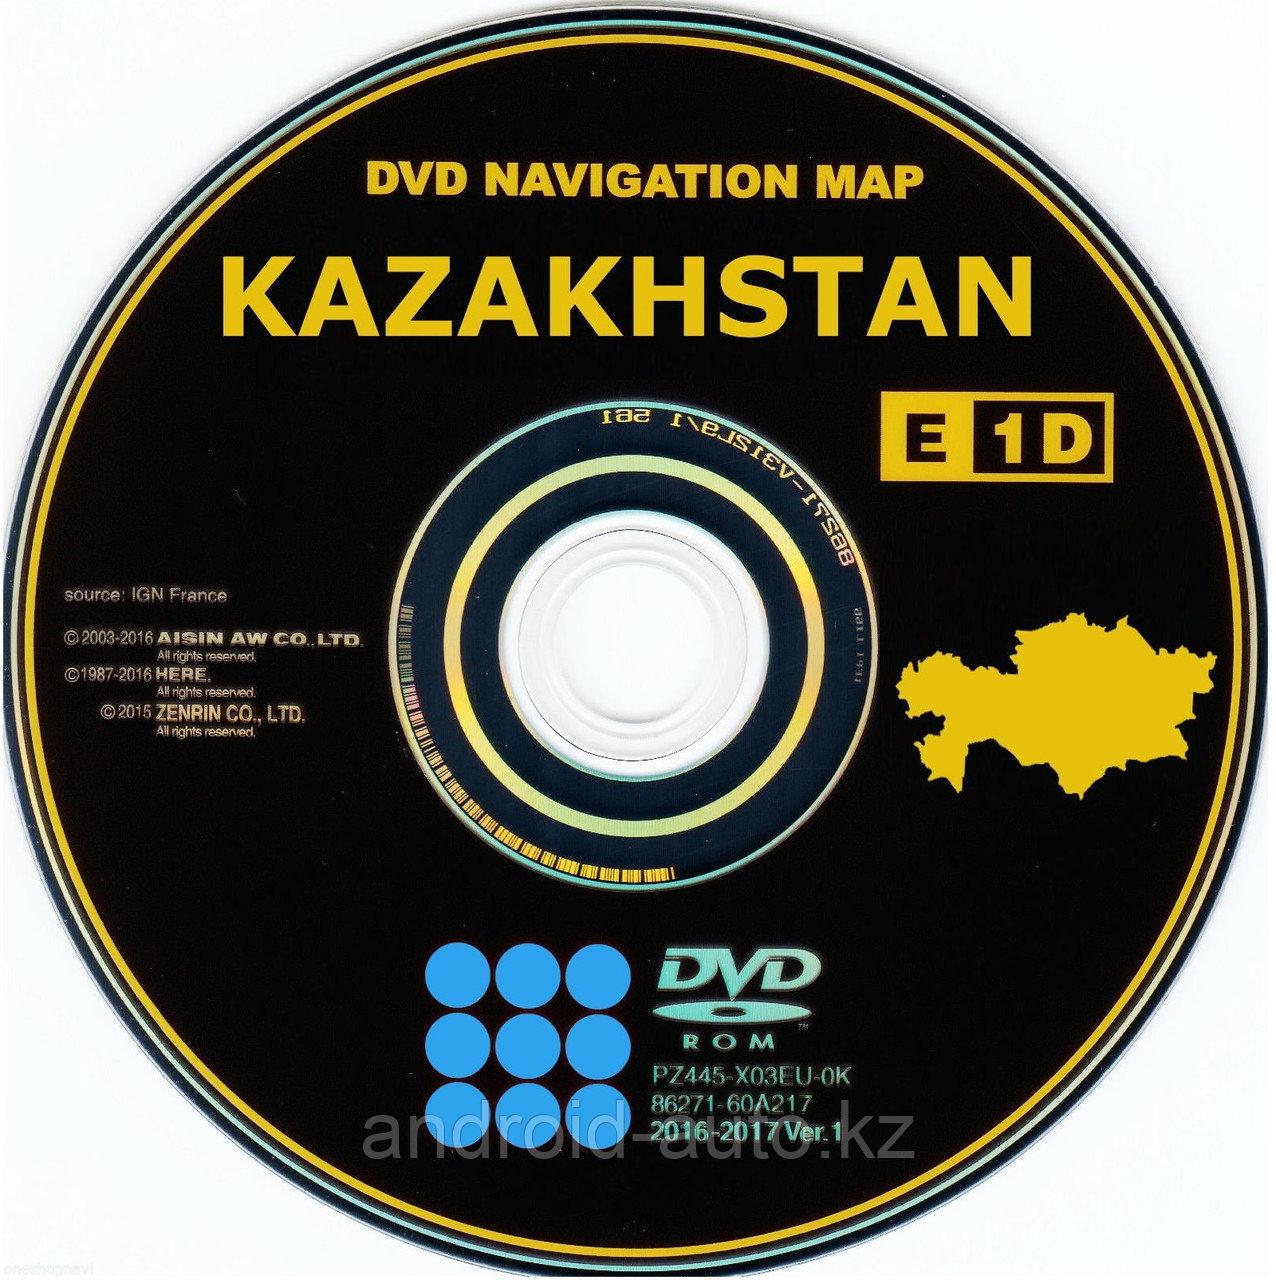 GEN-6 DVD NAVIGATION MAP of KAZAKHSTAN - (DENSO TA10  TA12) TOYOTA Sequoia 2010-2012